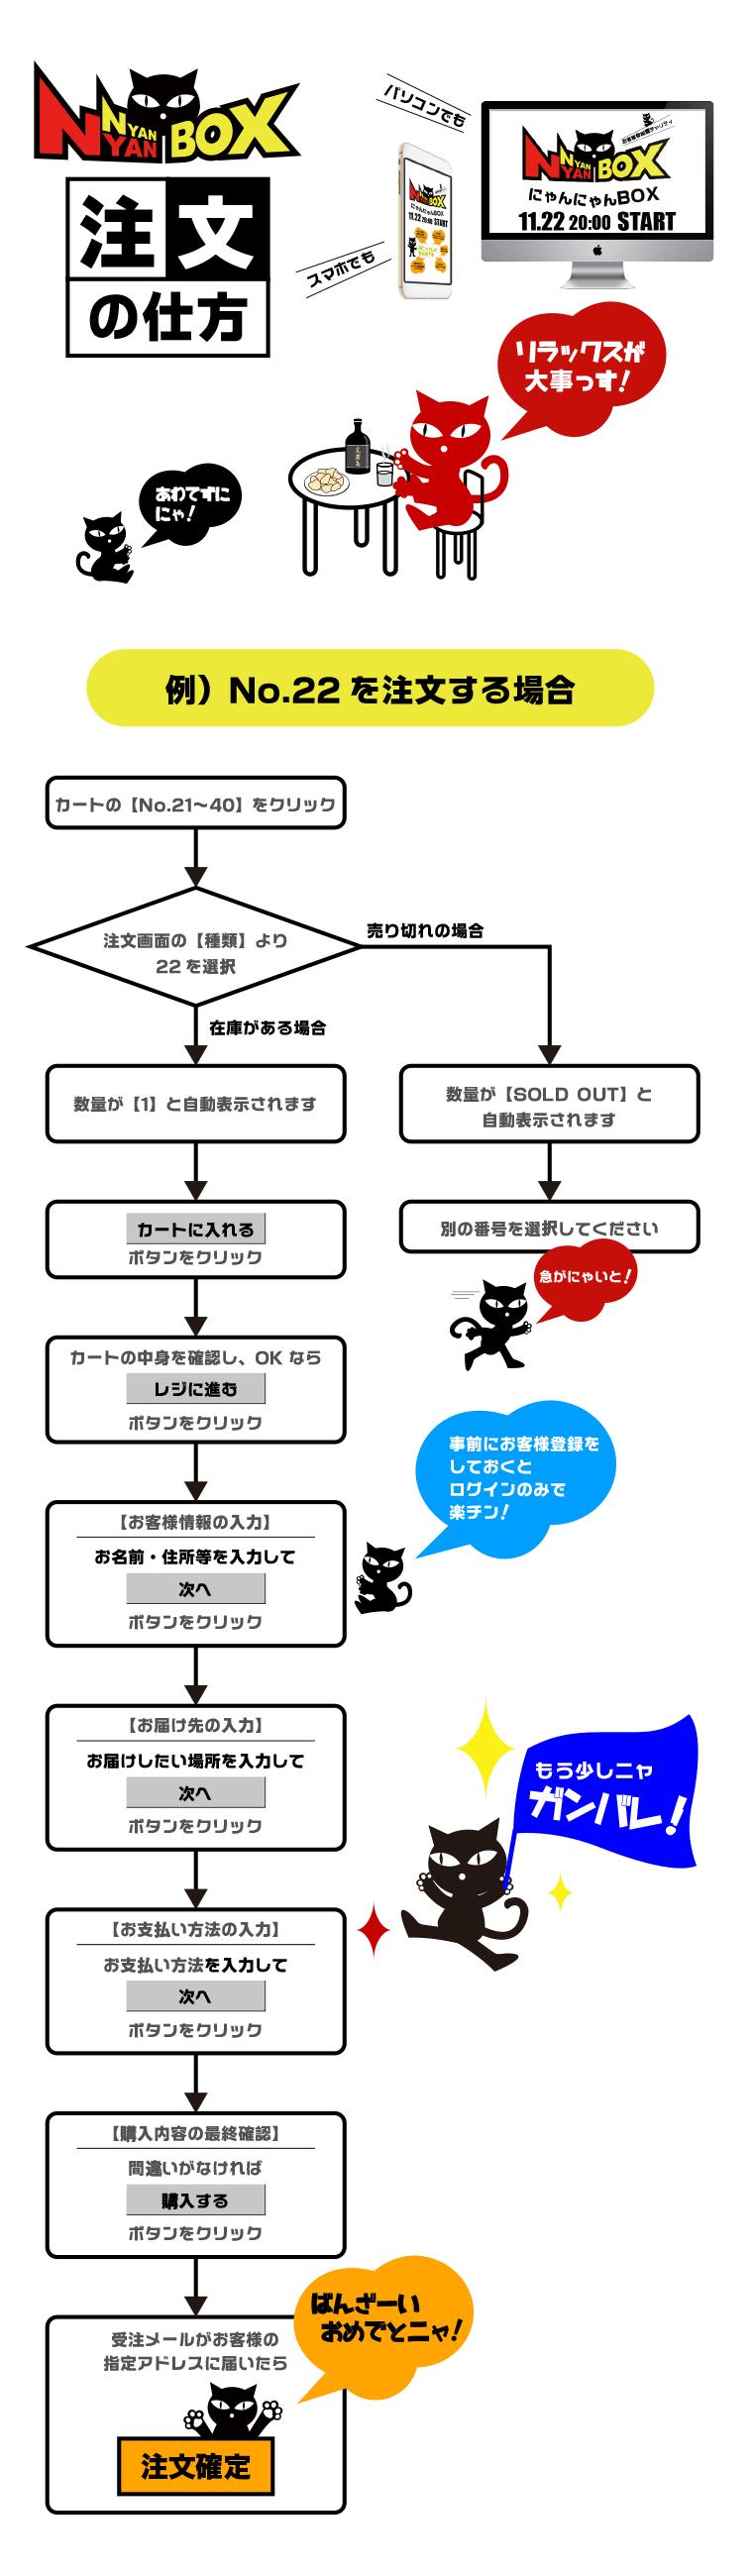 にゃんにゃんBOX注文方法